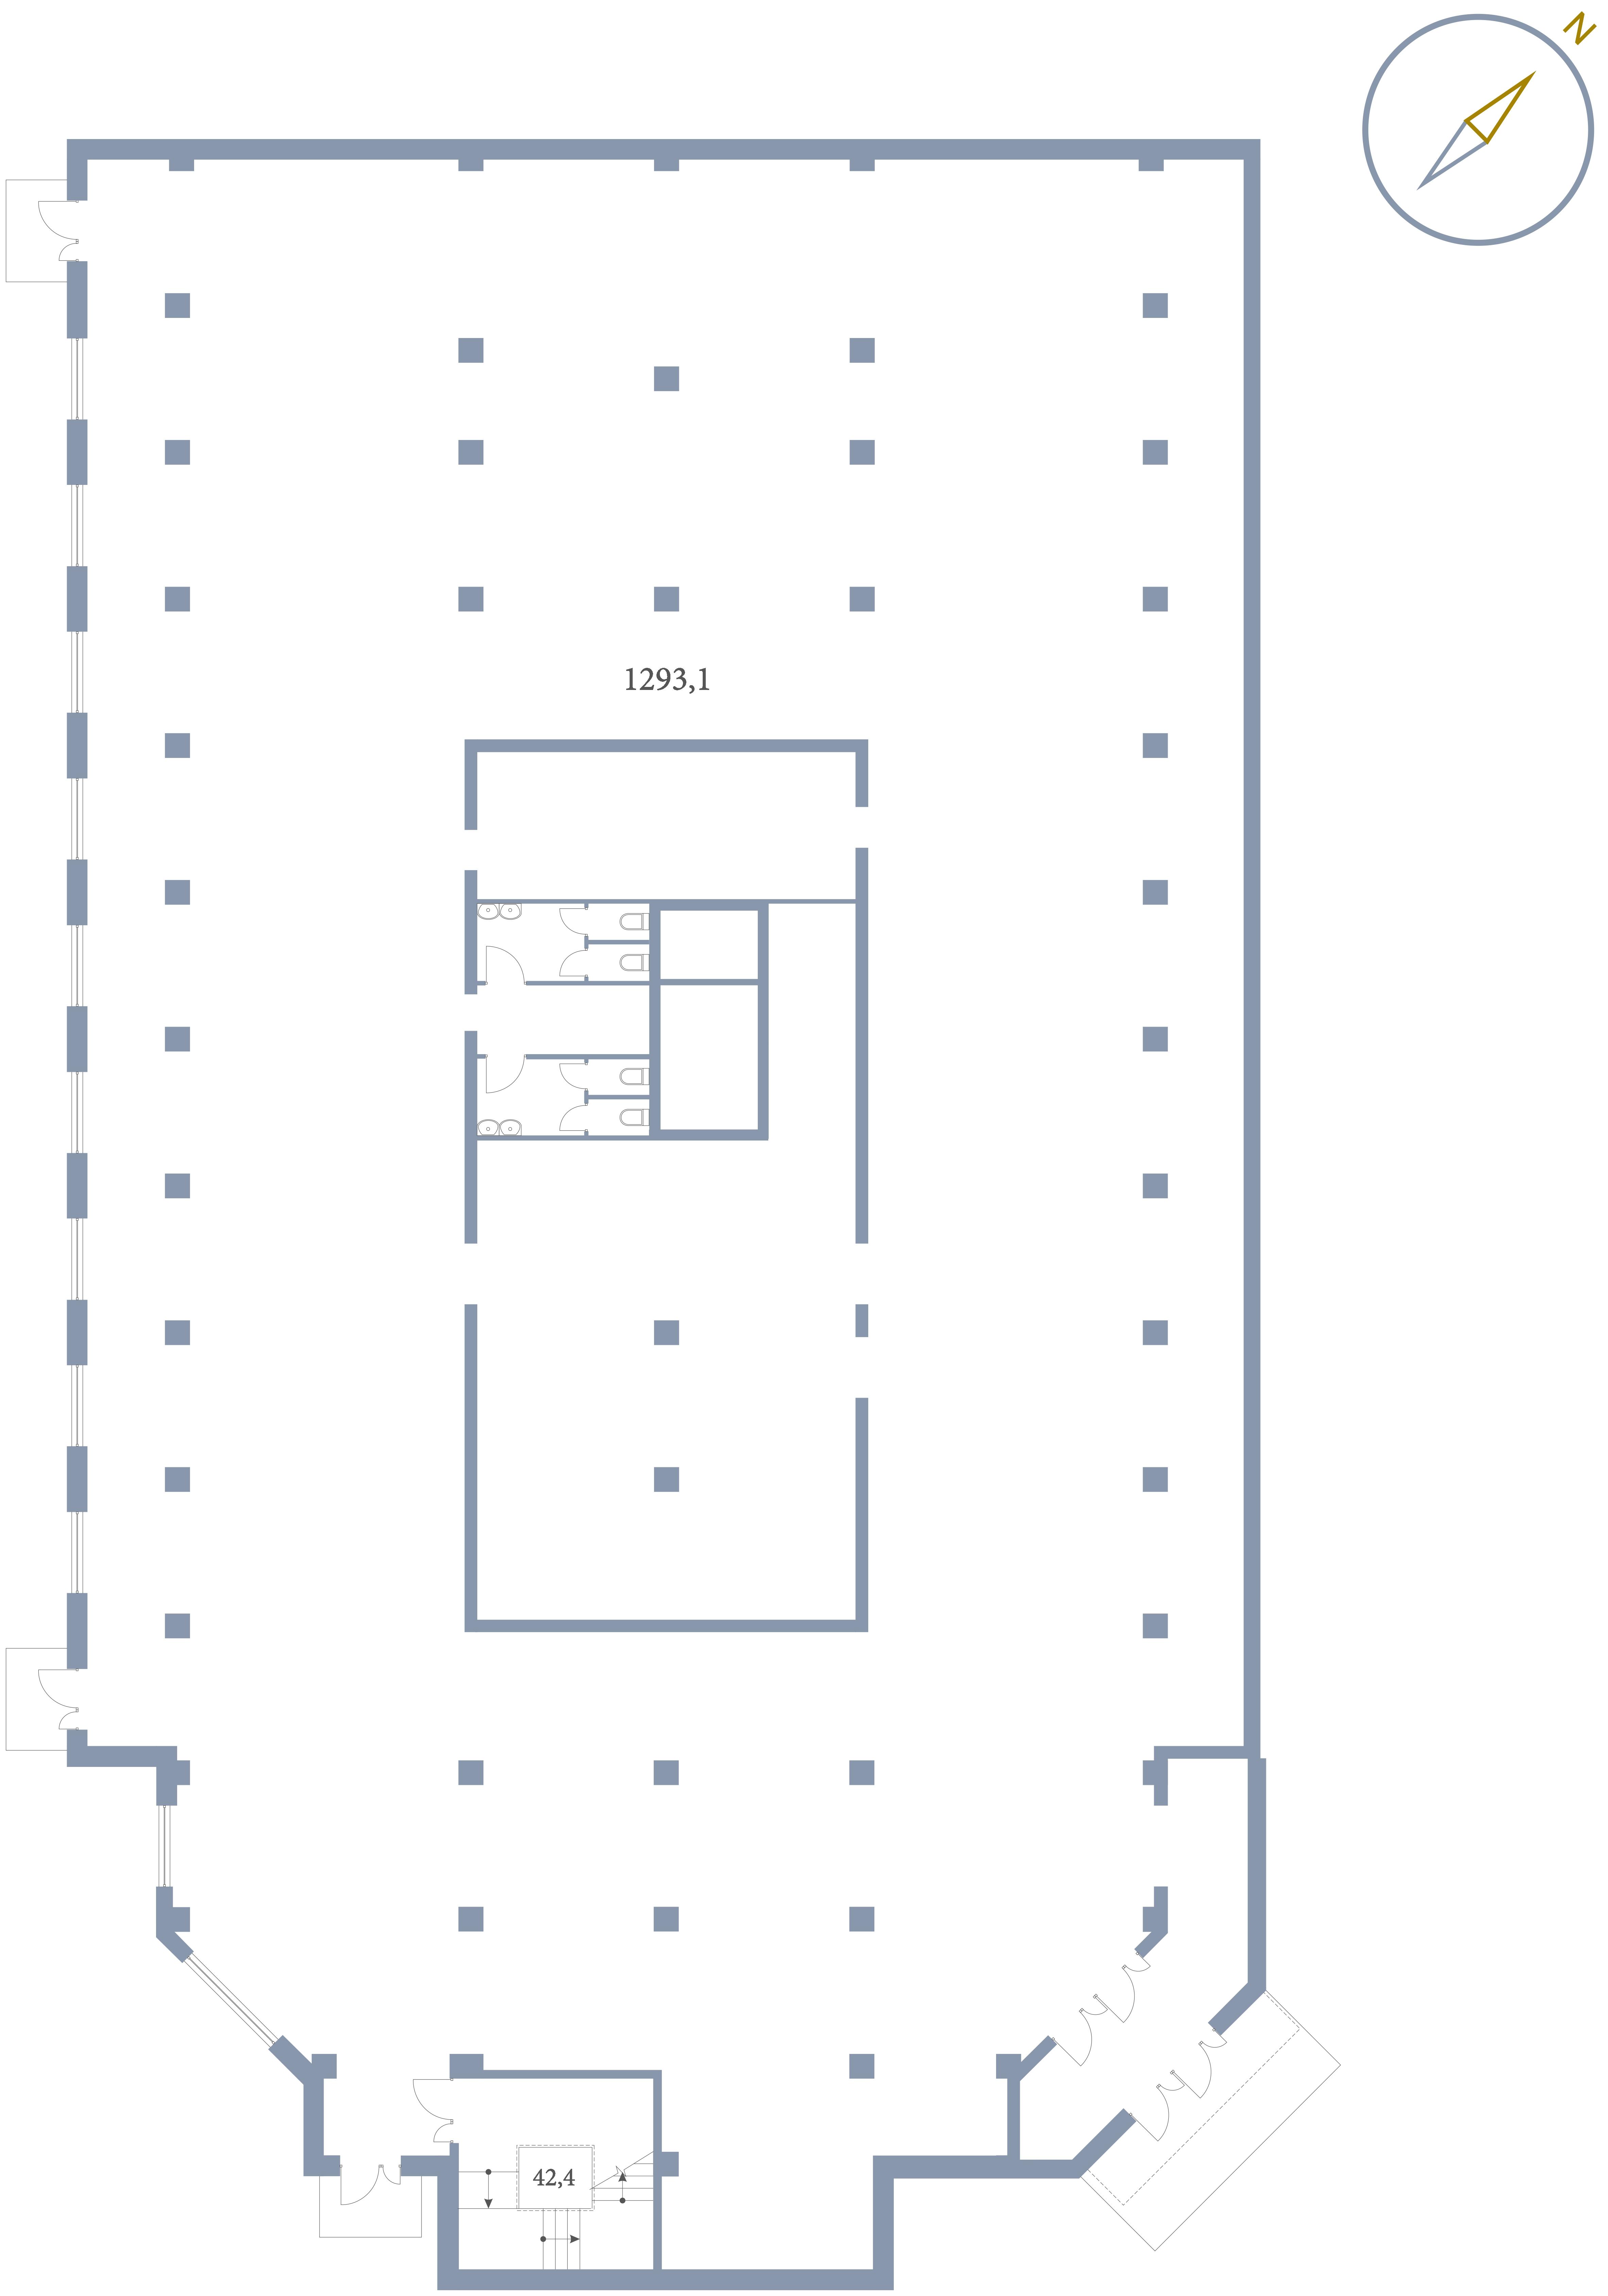 Коммерция Первый Зеленоградский Сургутский проезд 1 корп.3 этаж -1